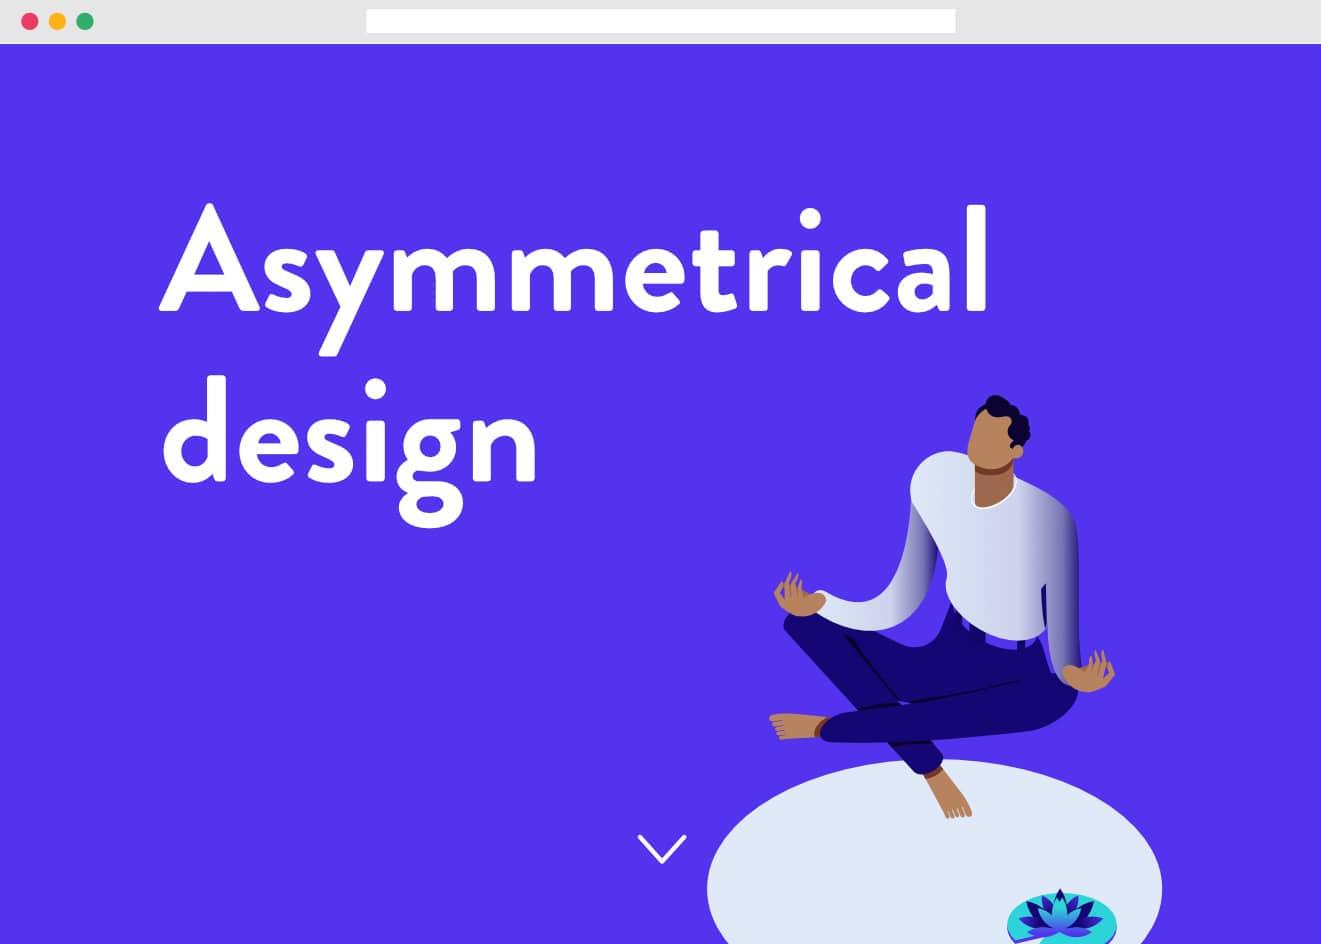 Een voorbeeld van asymmetrisch ontwerp